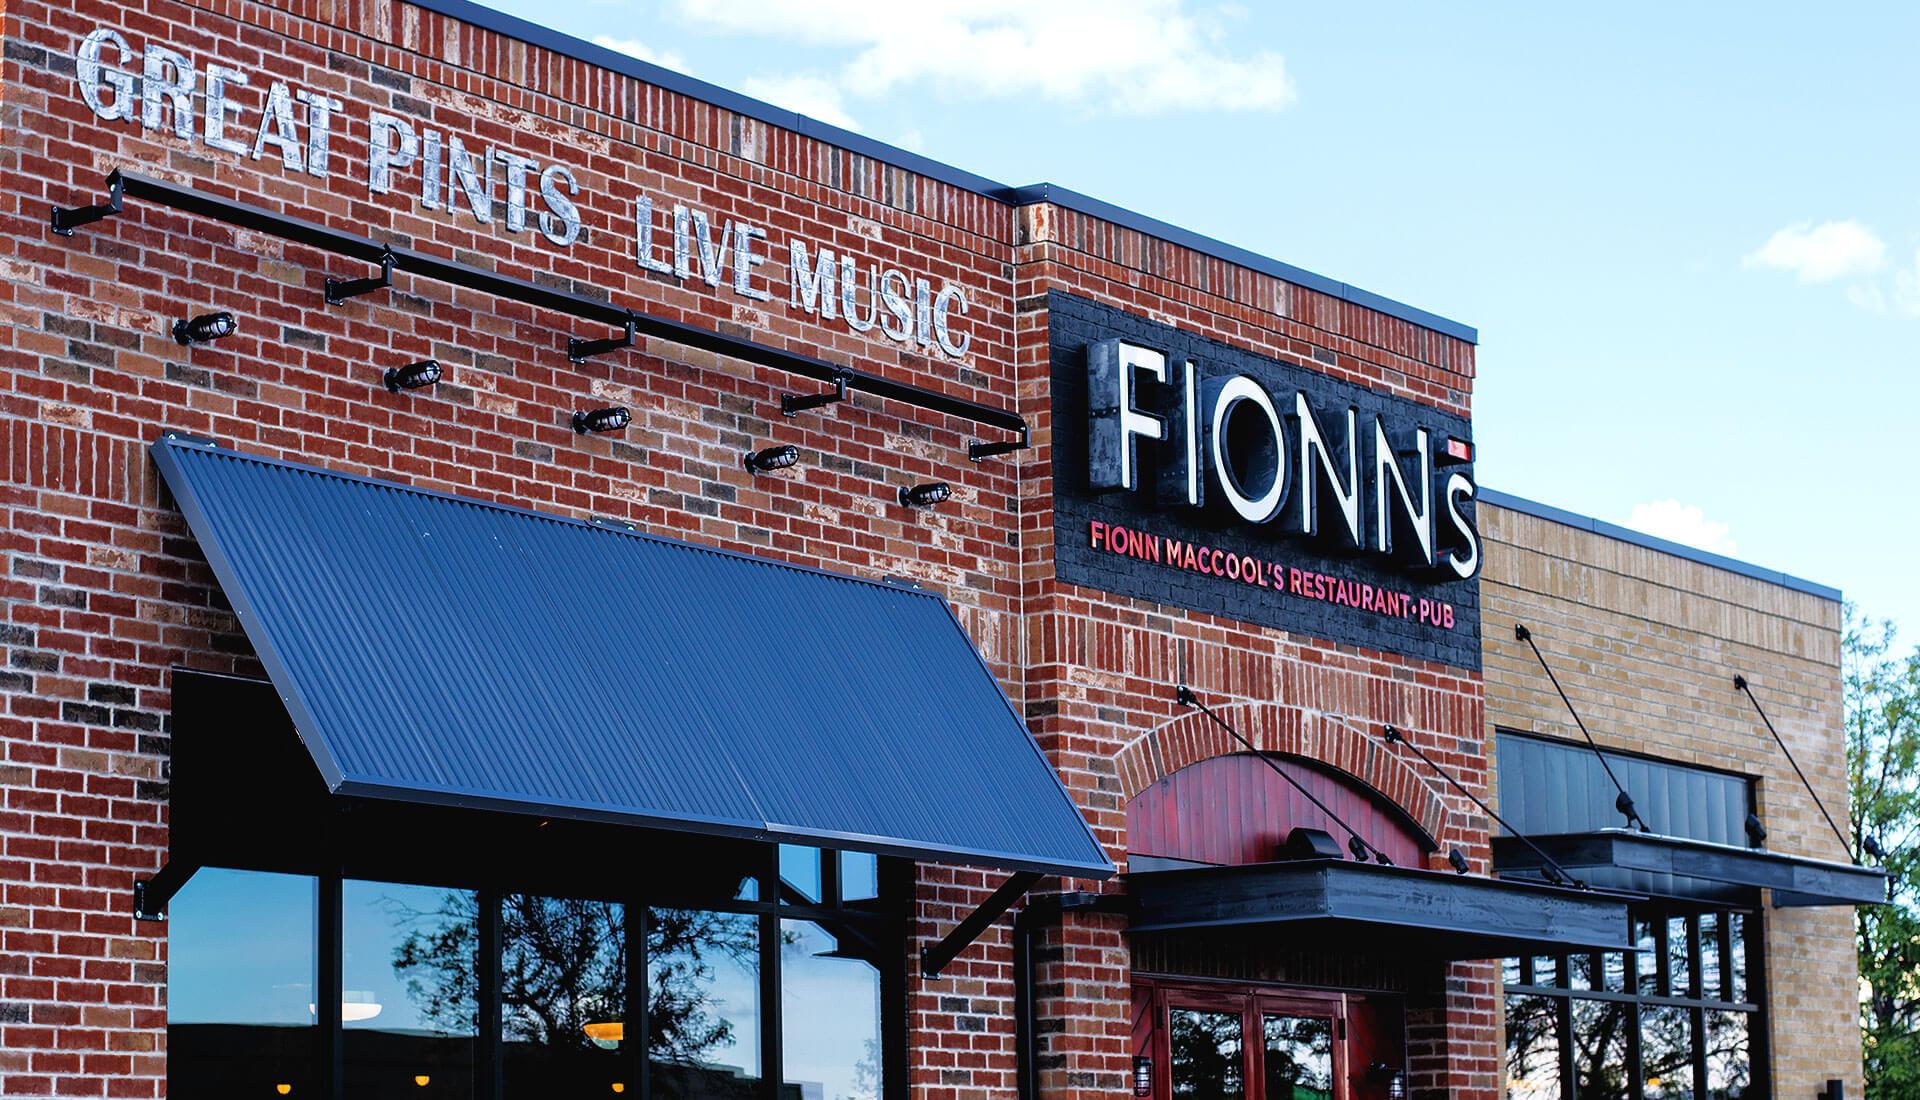 Fionn's